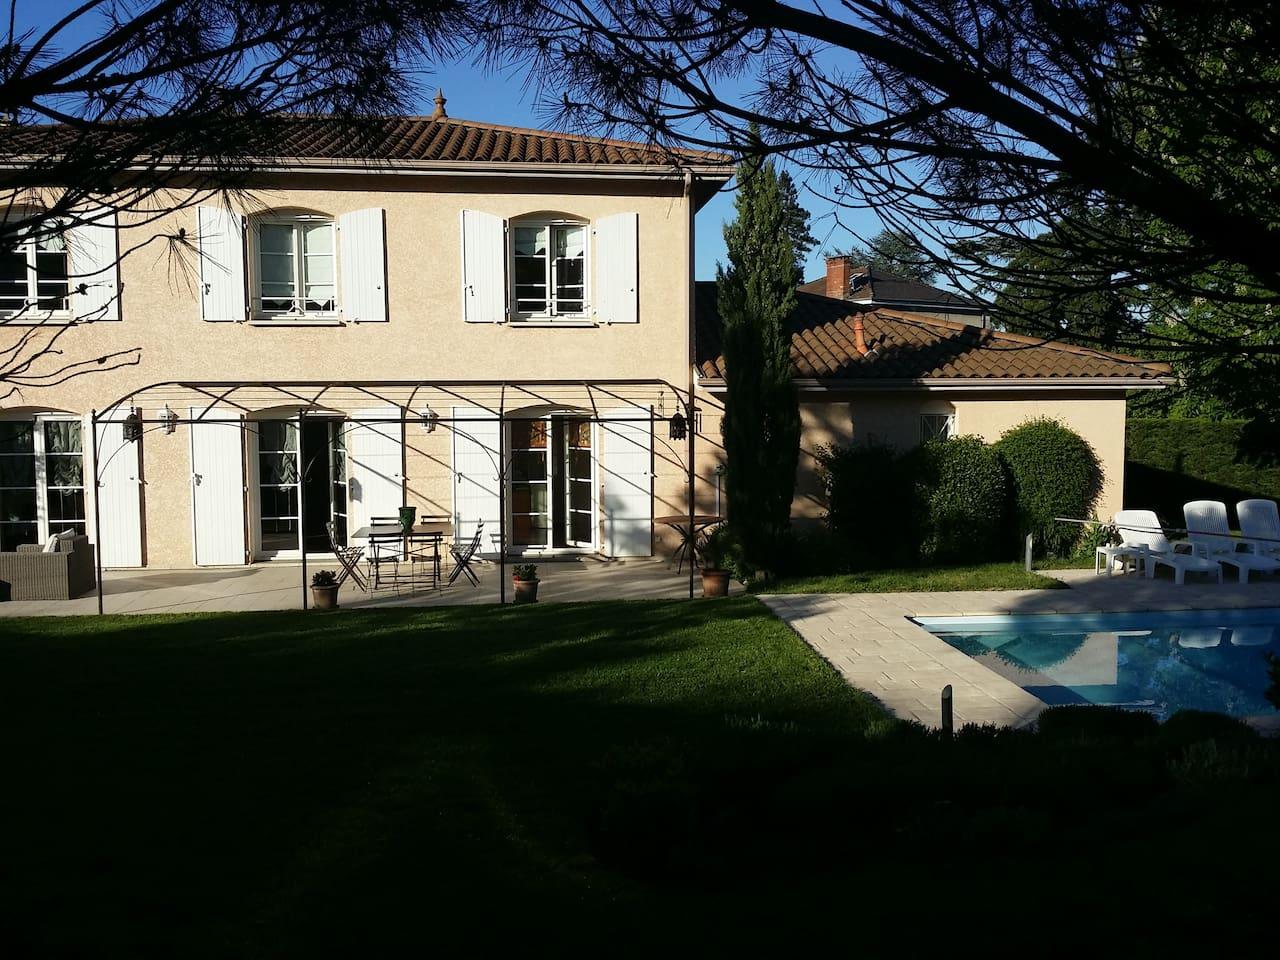 Notre maison dans la verdure et au calme mais avec un emplacement permettant d'être rapidement dans le centre de Lyon